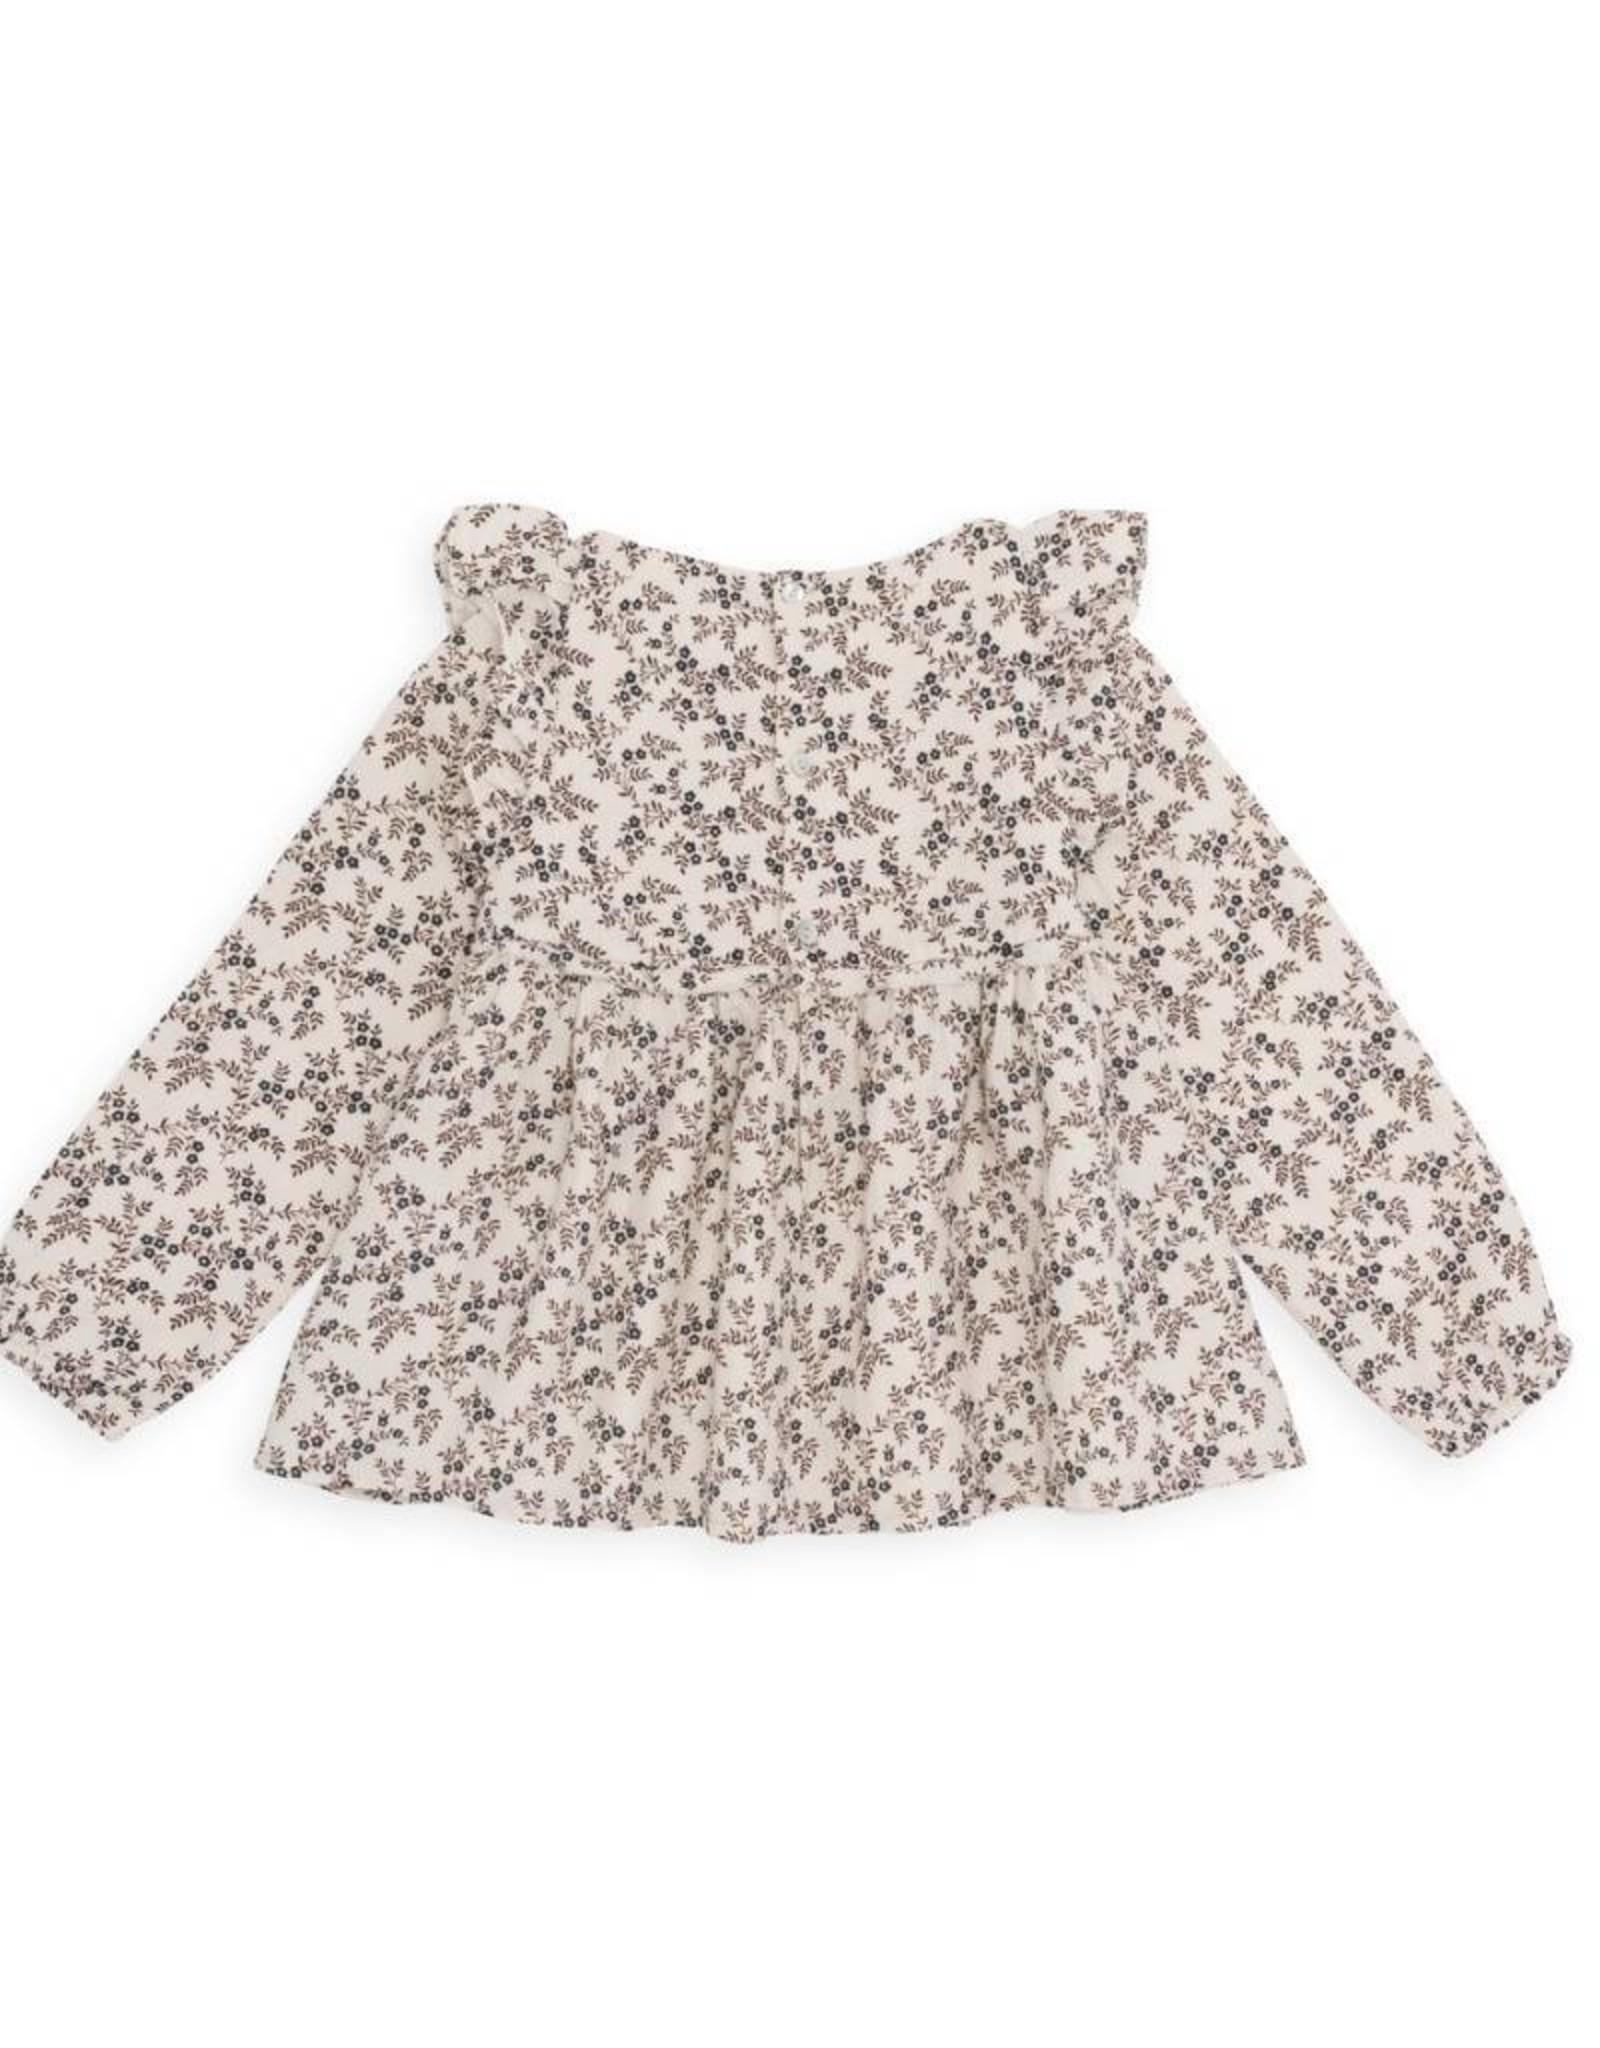 Kid's ruffled Pecorino blouse